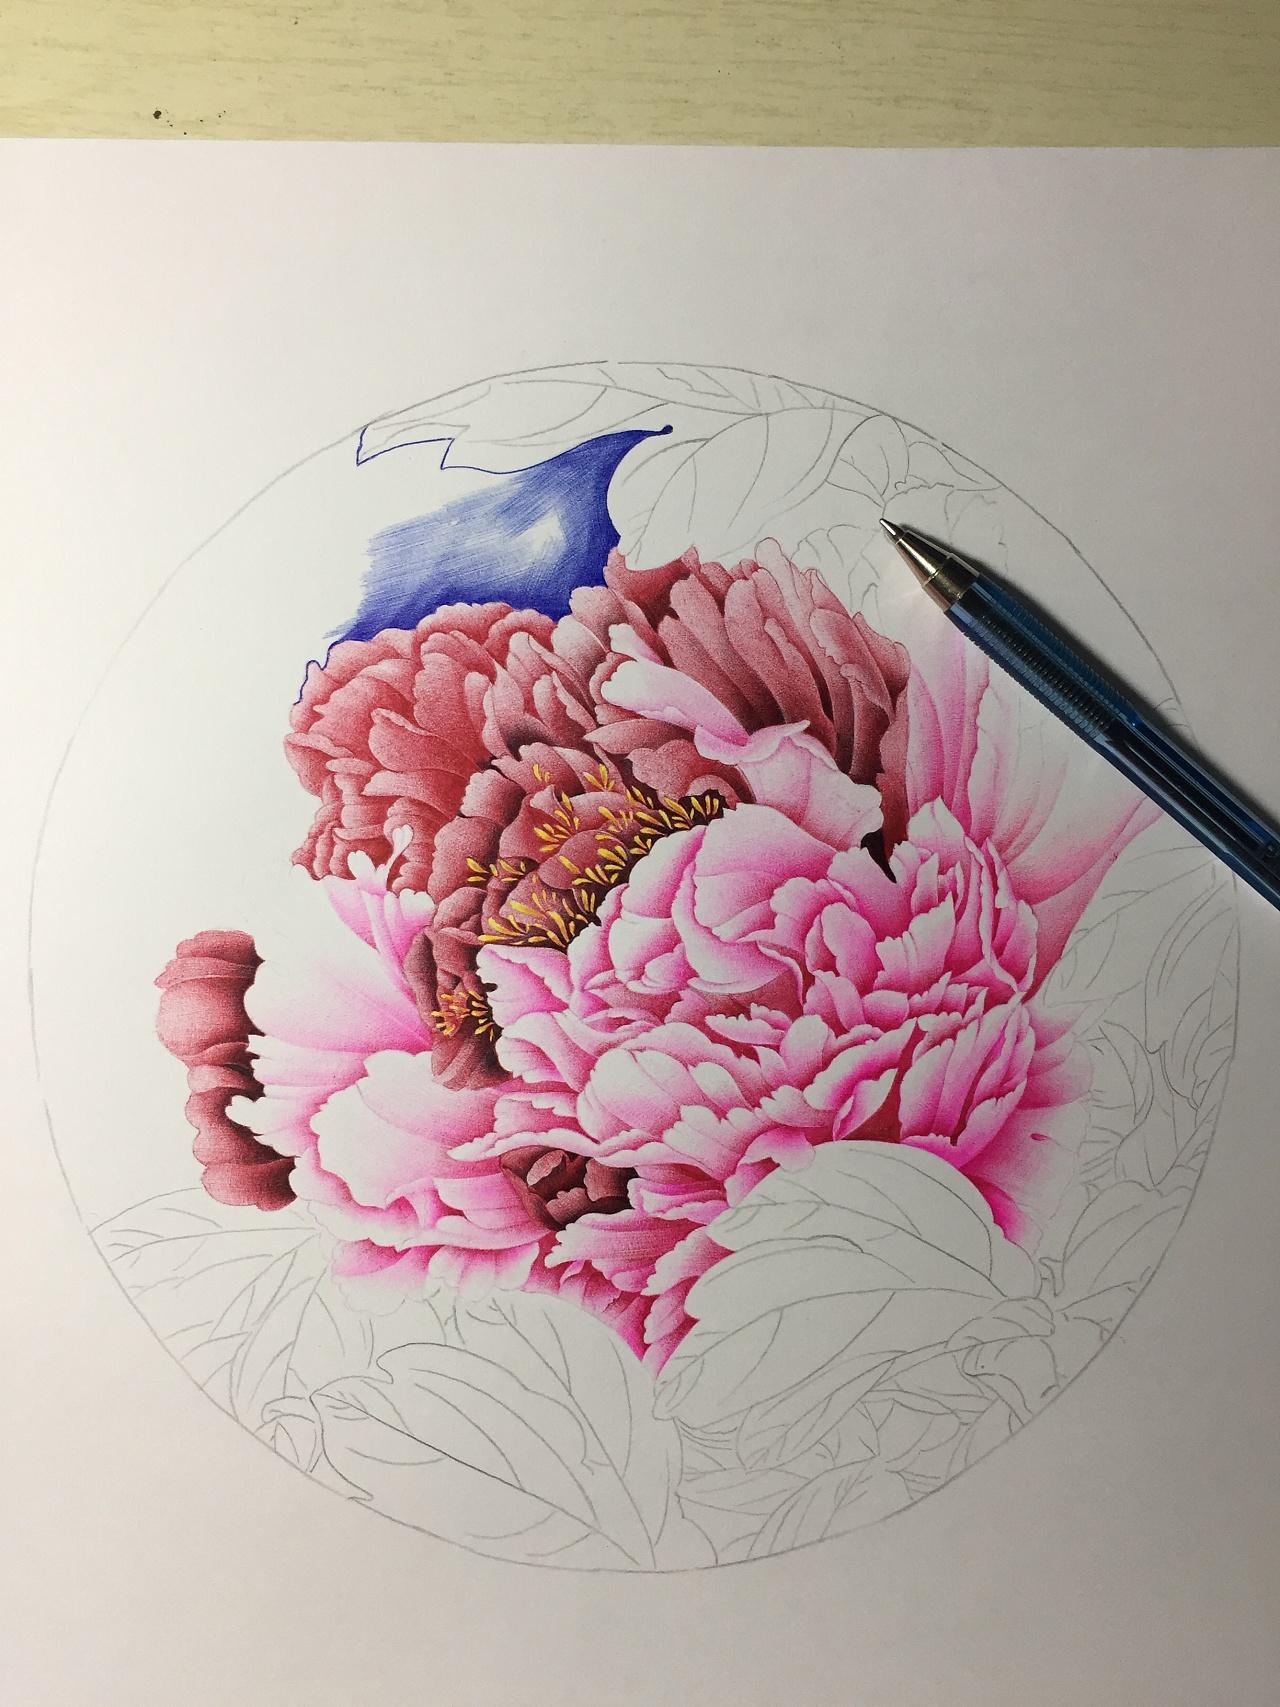 圆珠笔画牡丹系列|纯艺术|彩铅|一诺手绘 - 原创作品图片